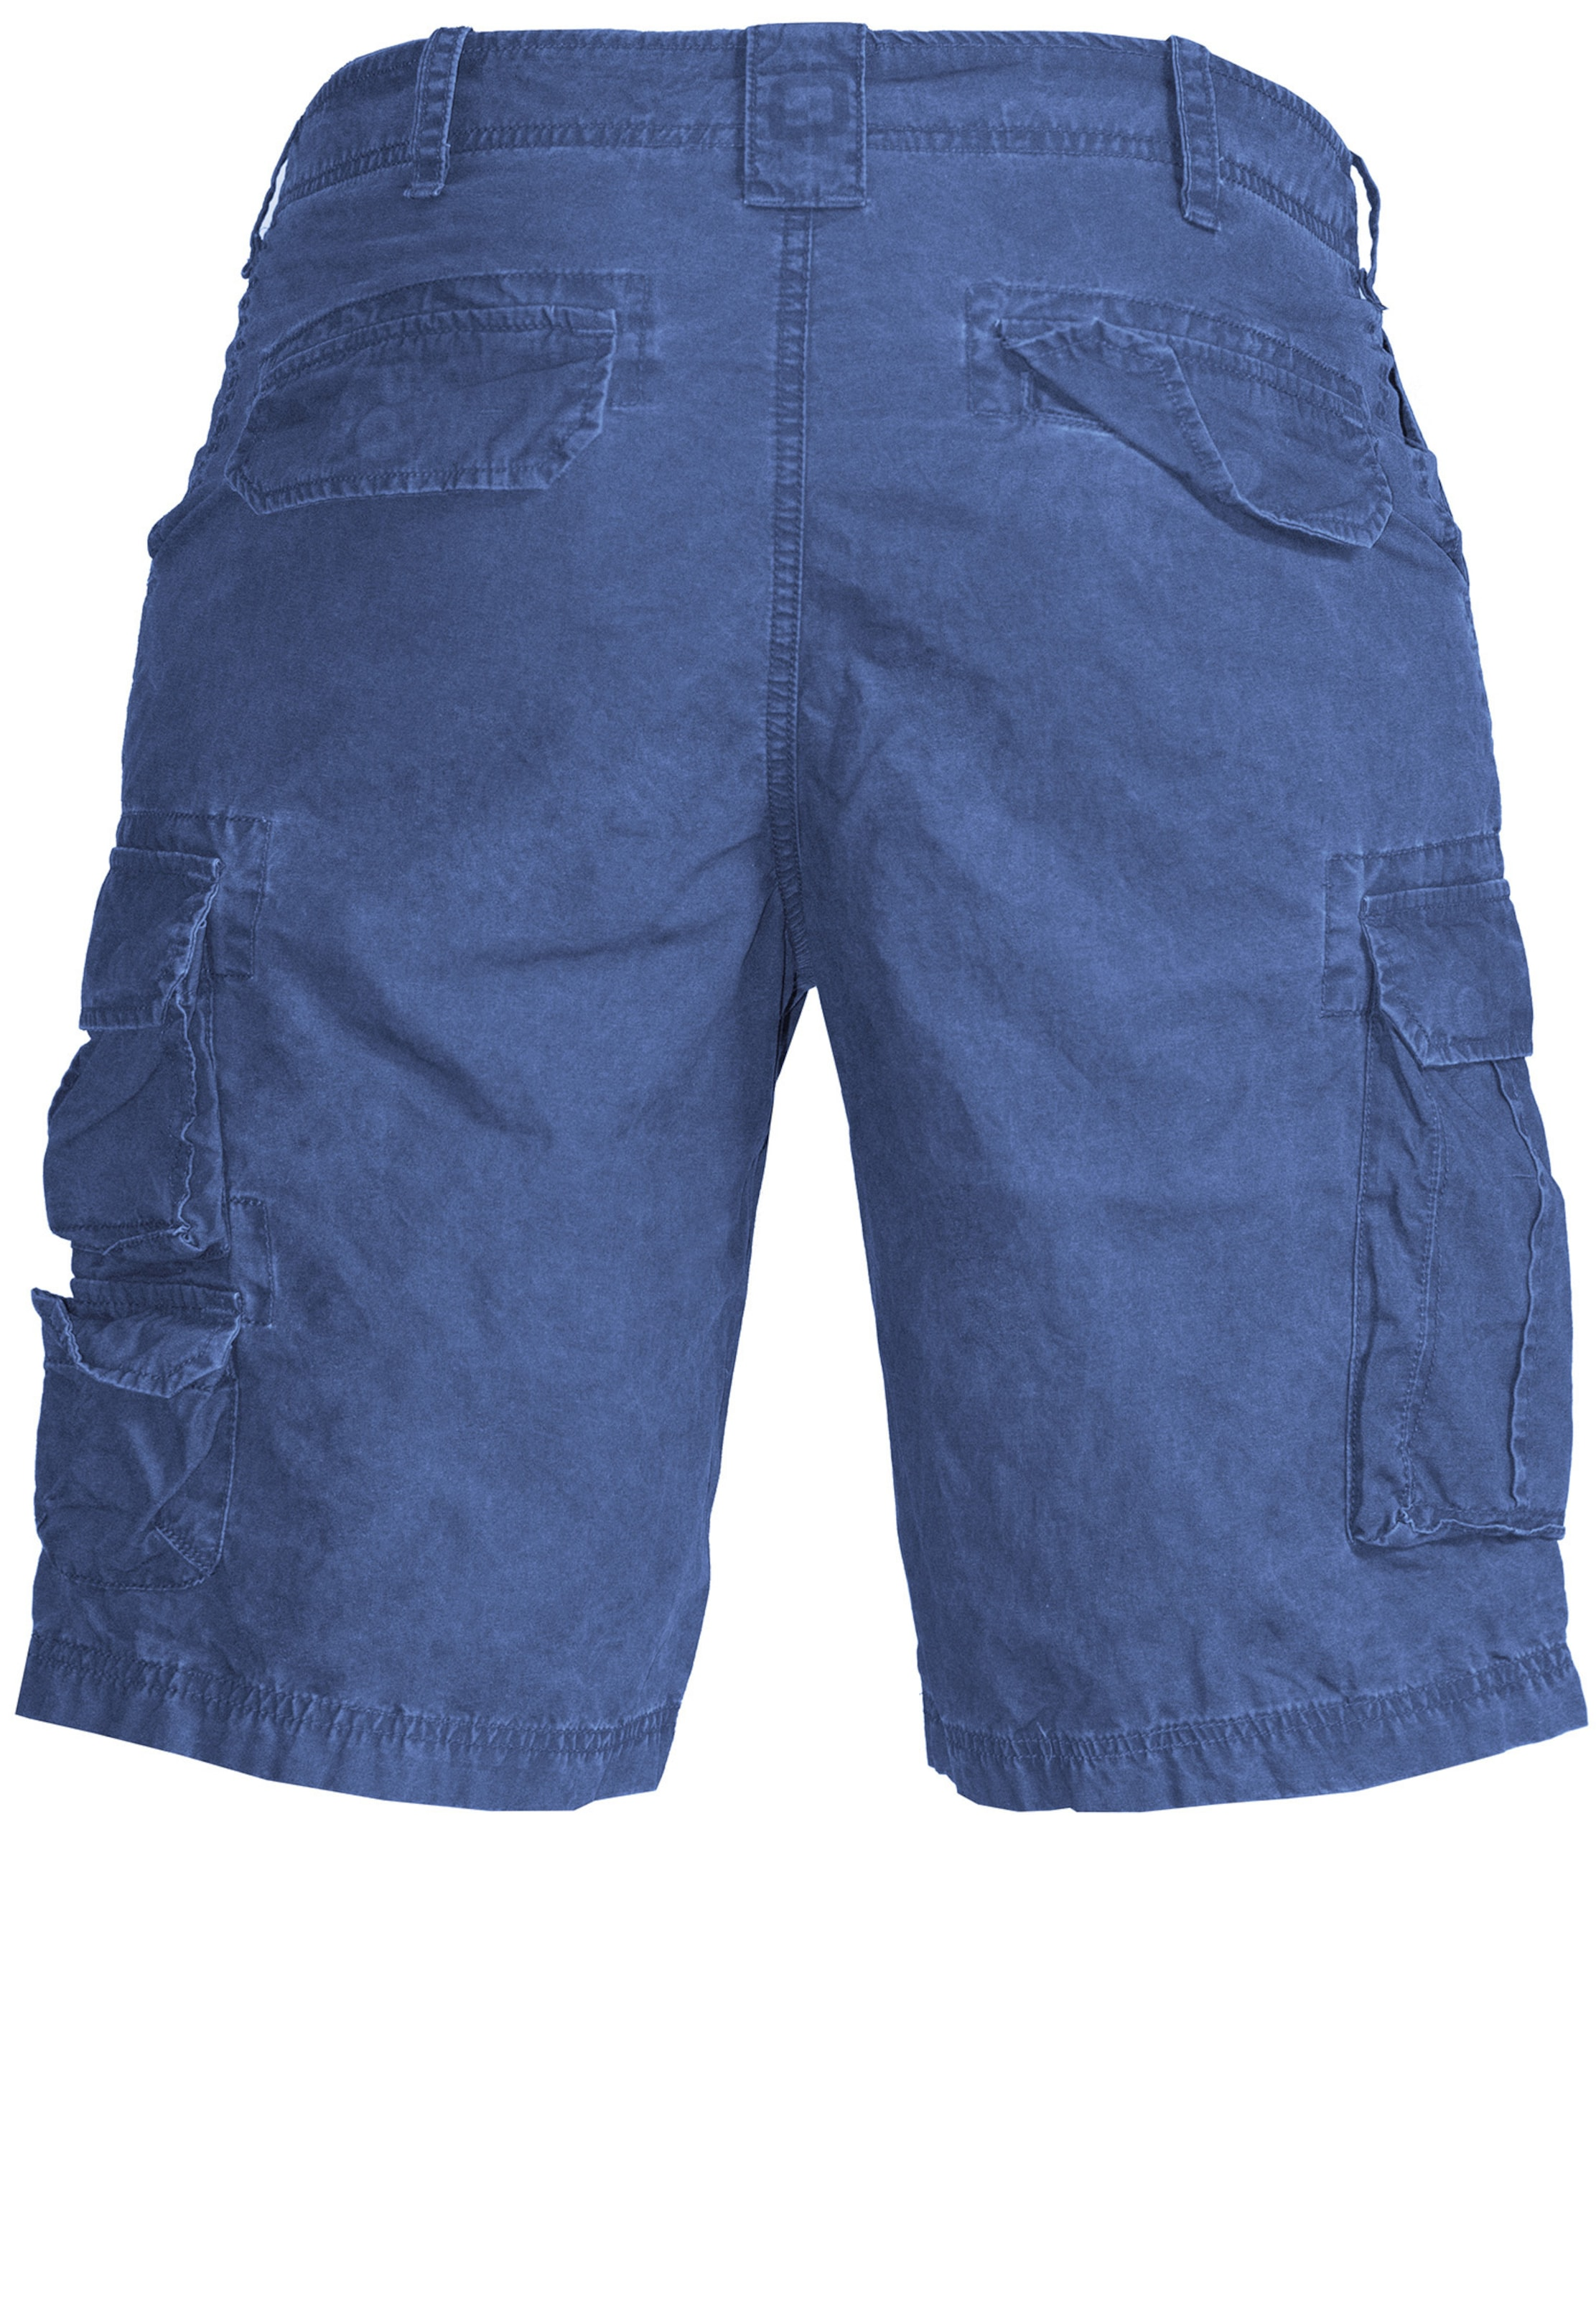 'rudder' In Code zero Marine Shorts 0nXwOk8P